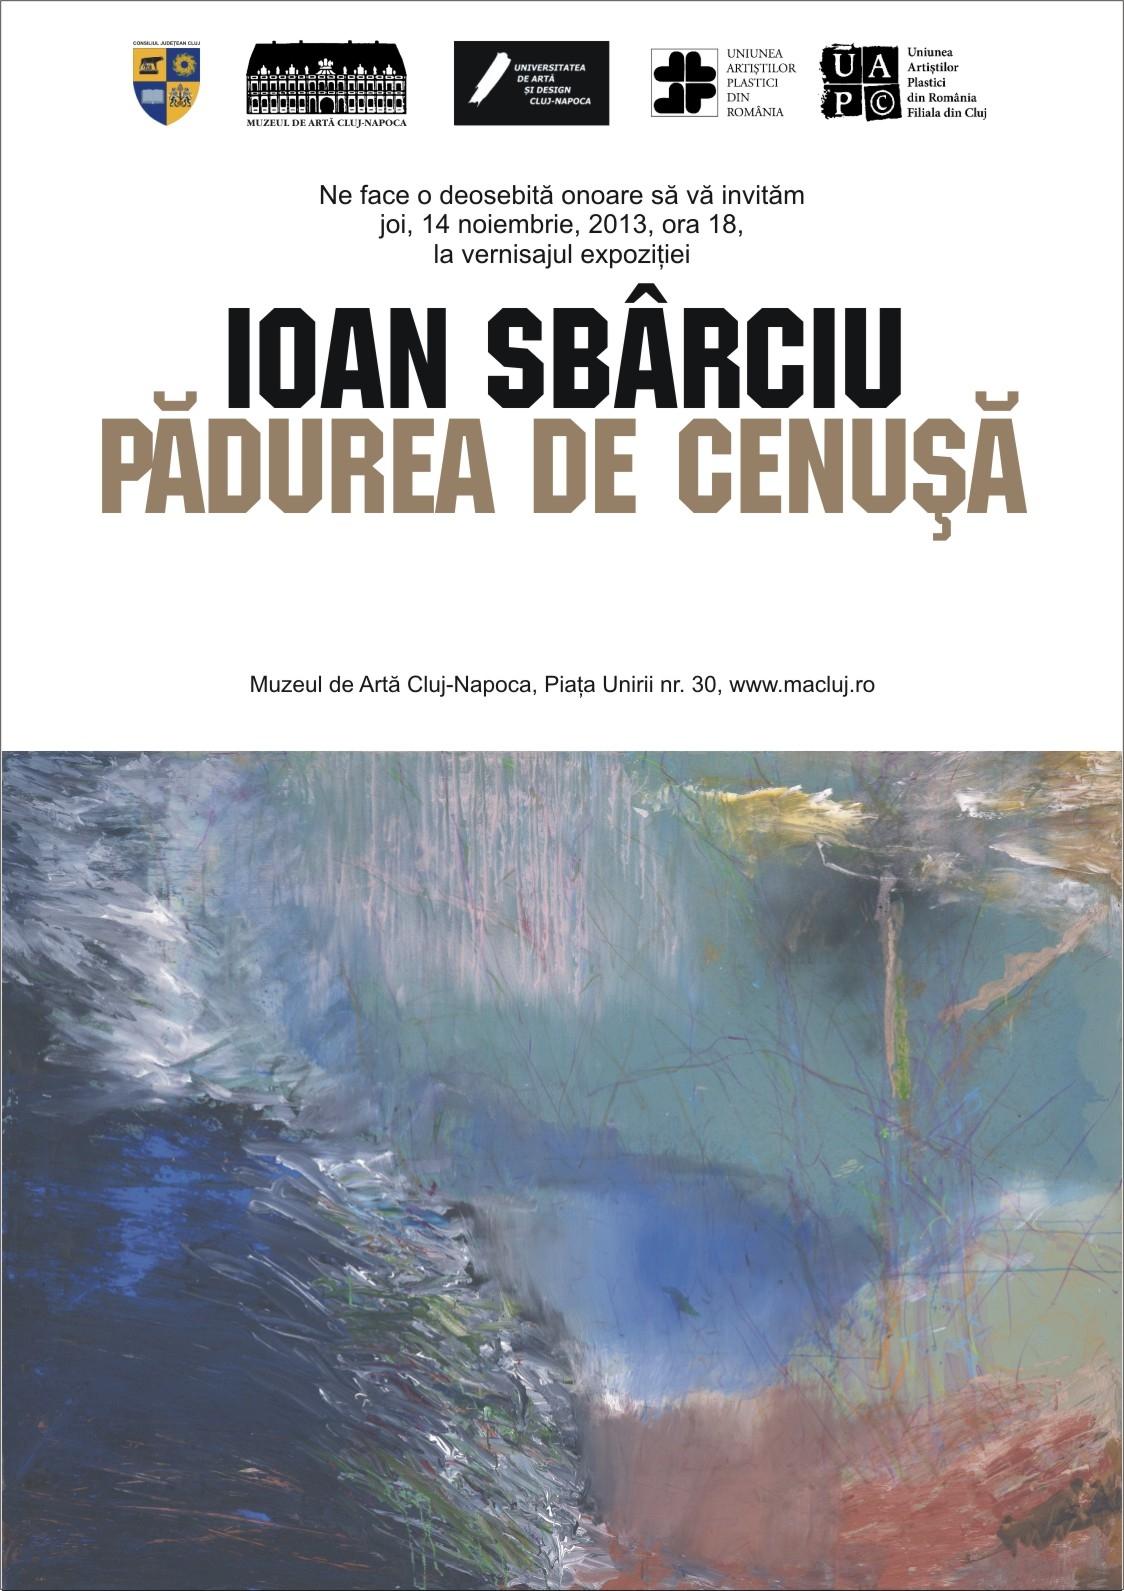 Invitatie expozitie Ioan Sbarciu